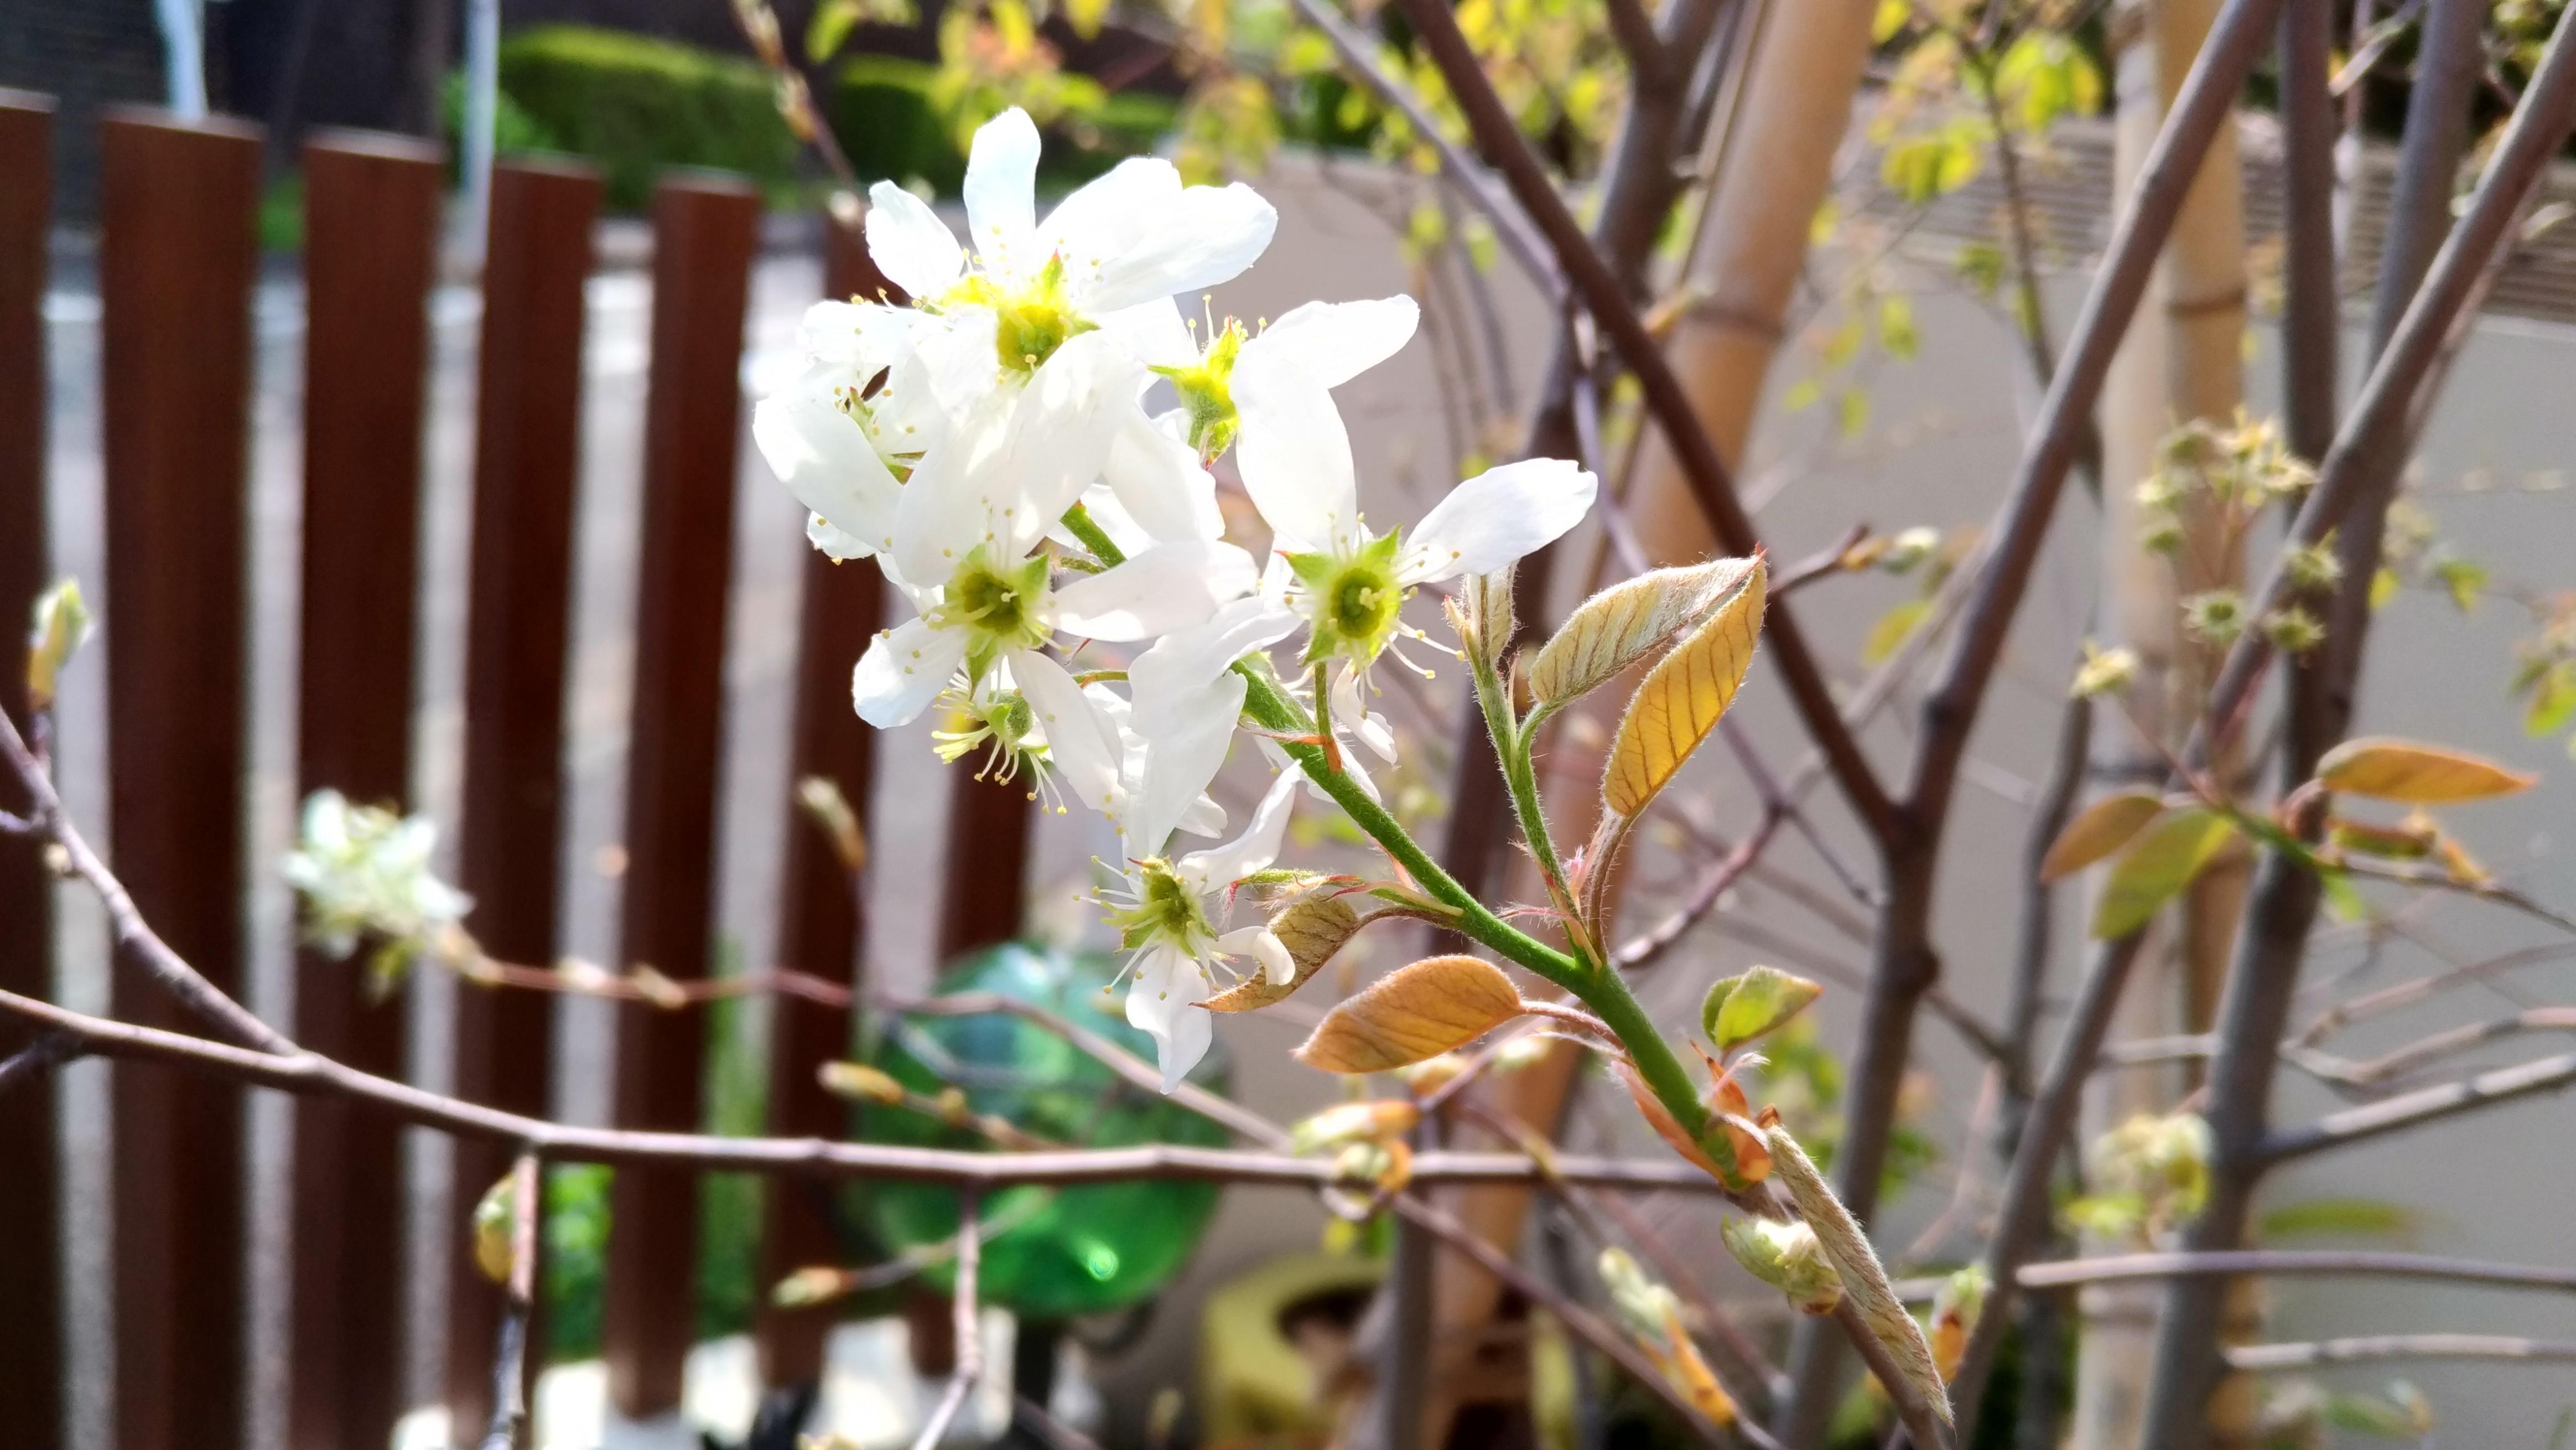 ジューンベリーとは?品種ごとの特徴や開花・紅葉の時期などをご紹介!